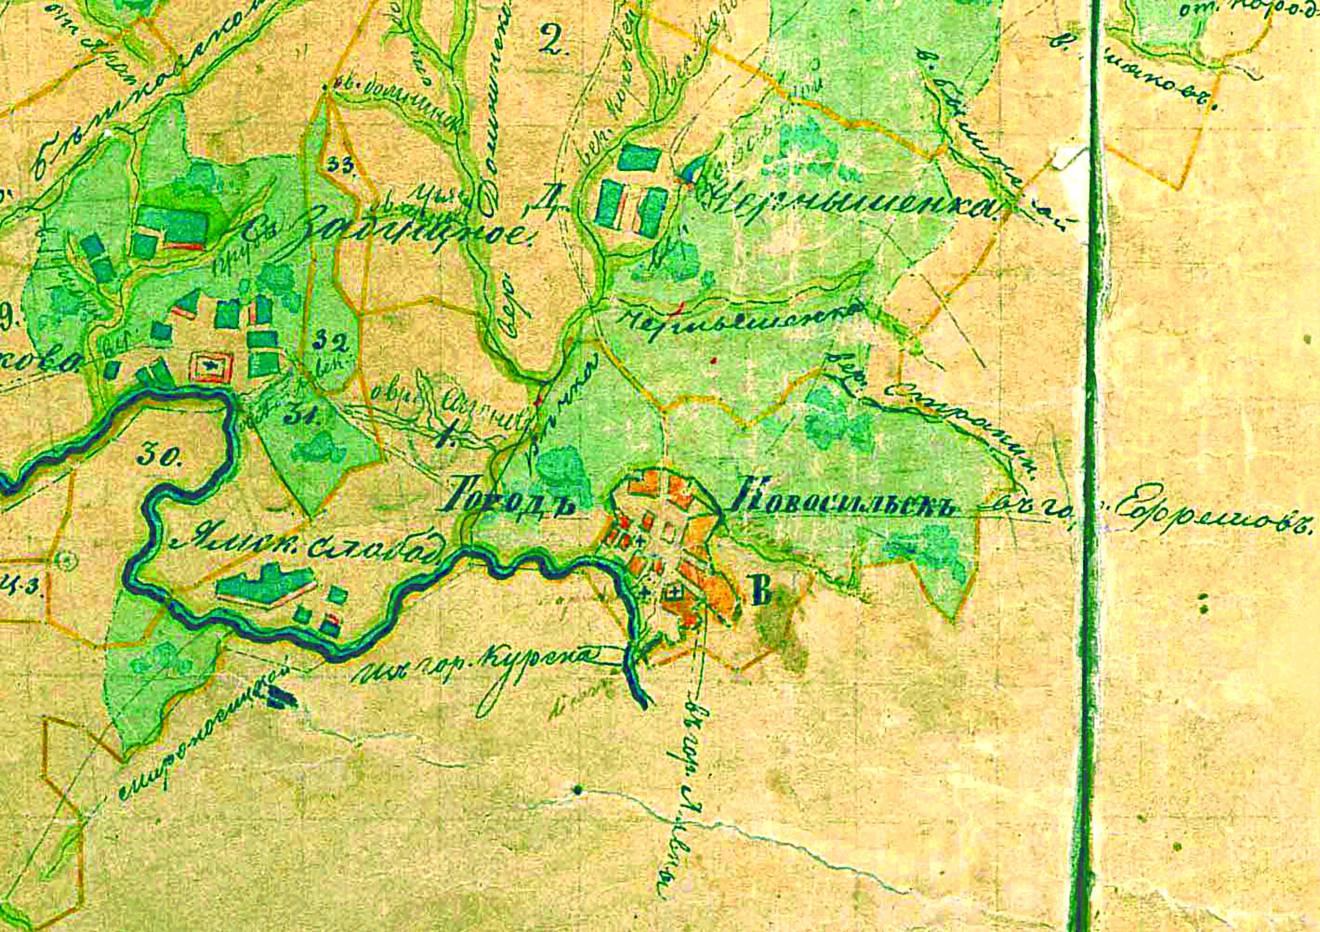 Новосиль на карте 1790 года (271.85КБ)